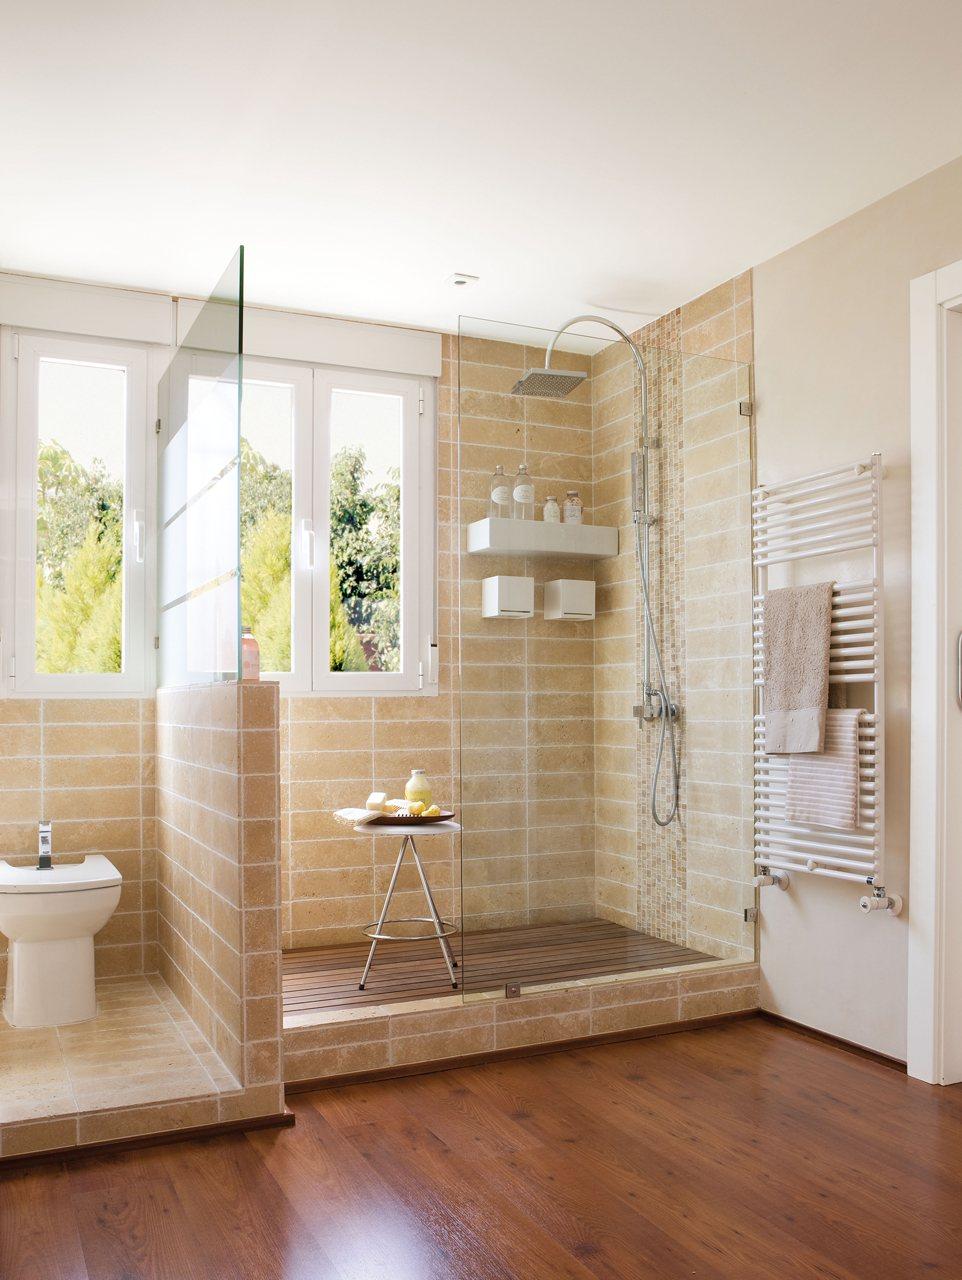 Ahorrar agua en el ba o - Banos con duchas fotos ...